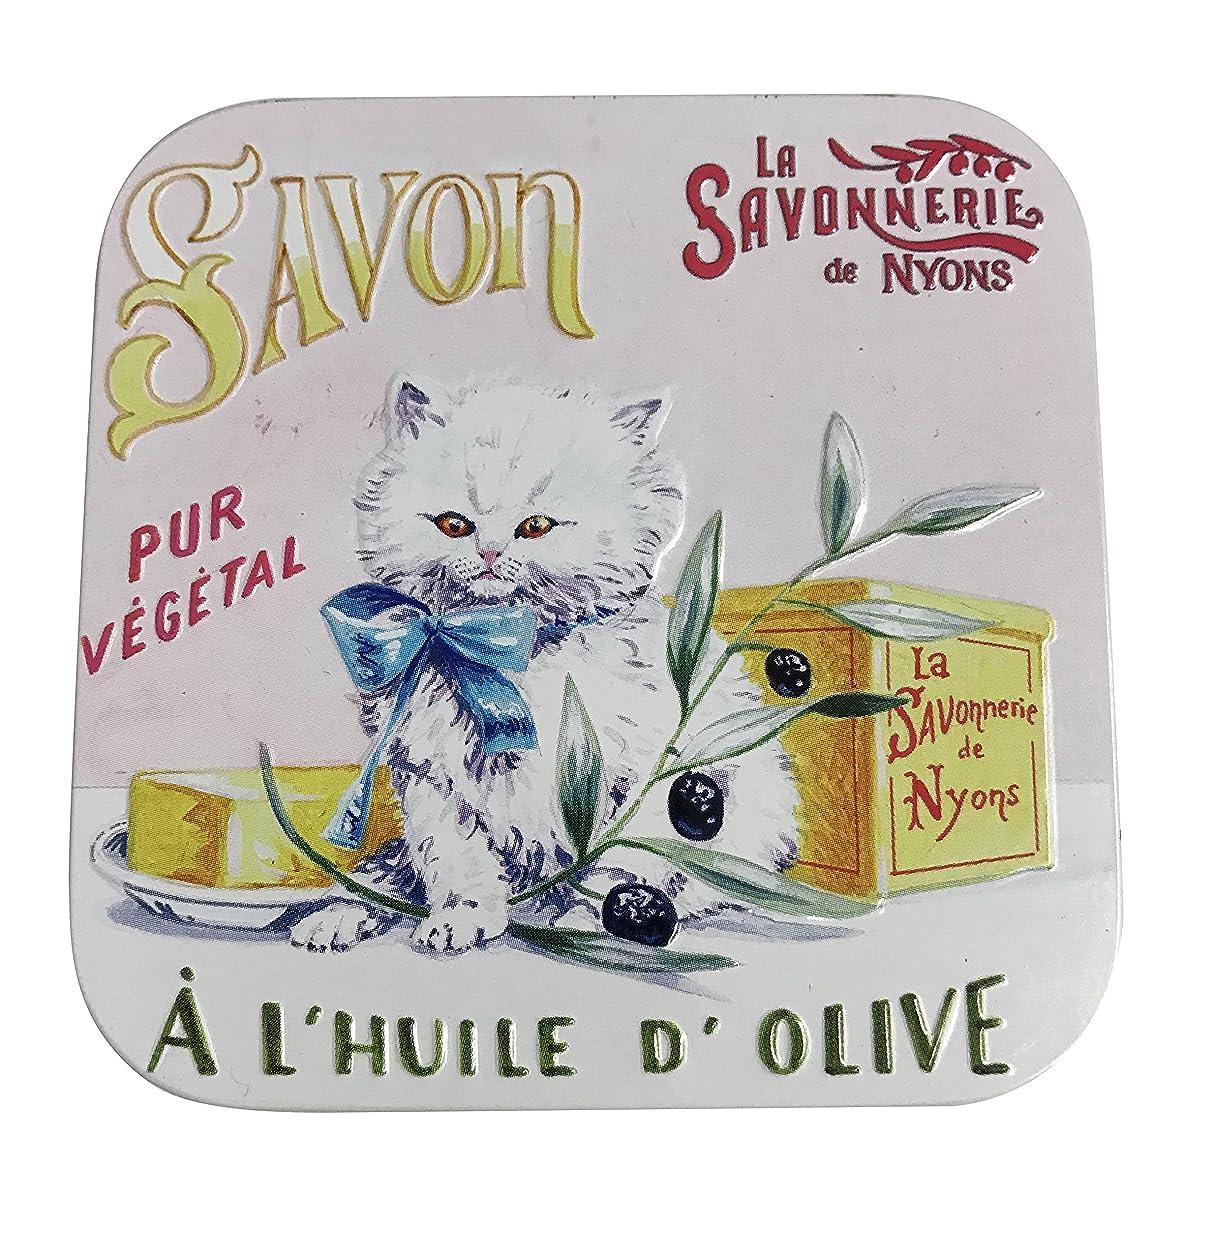 困惑した間違いなく過激派ラ?サボネリー アンティーク缶入り石鹸 タイプ100 ペルシャ子猫(コットンフラワー)